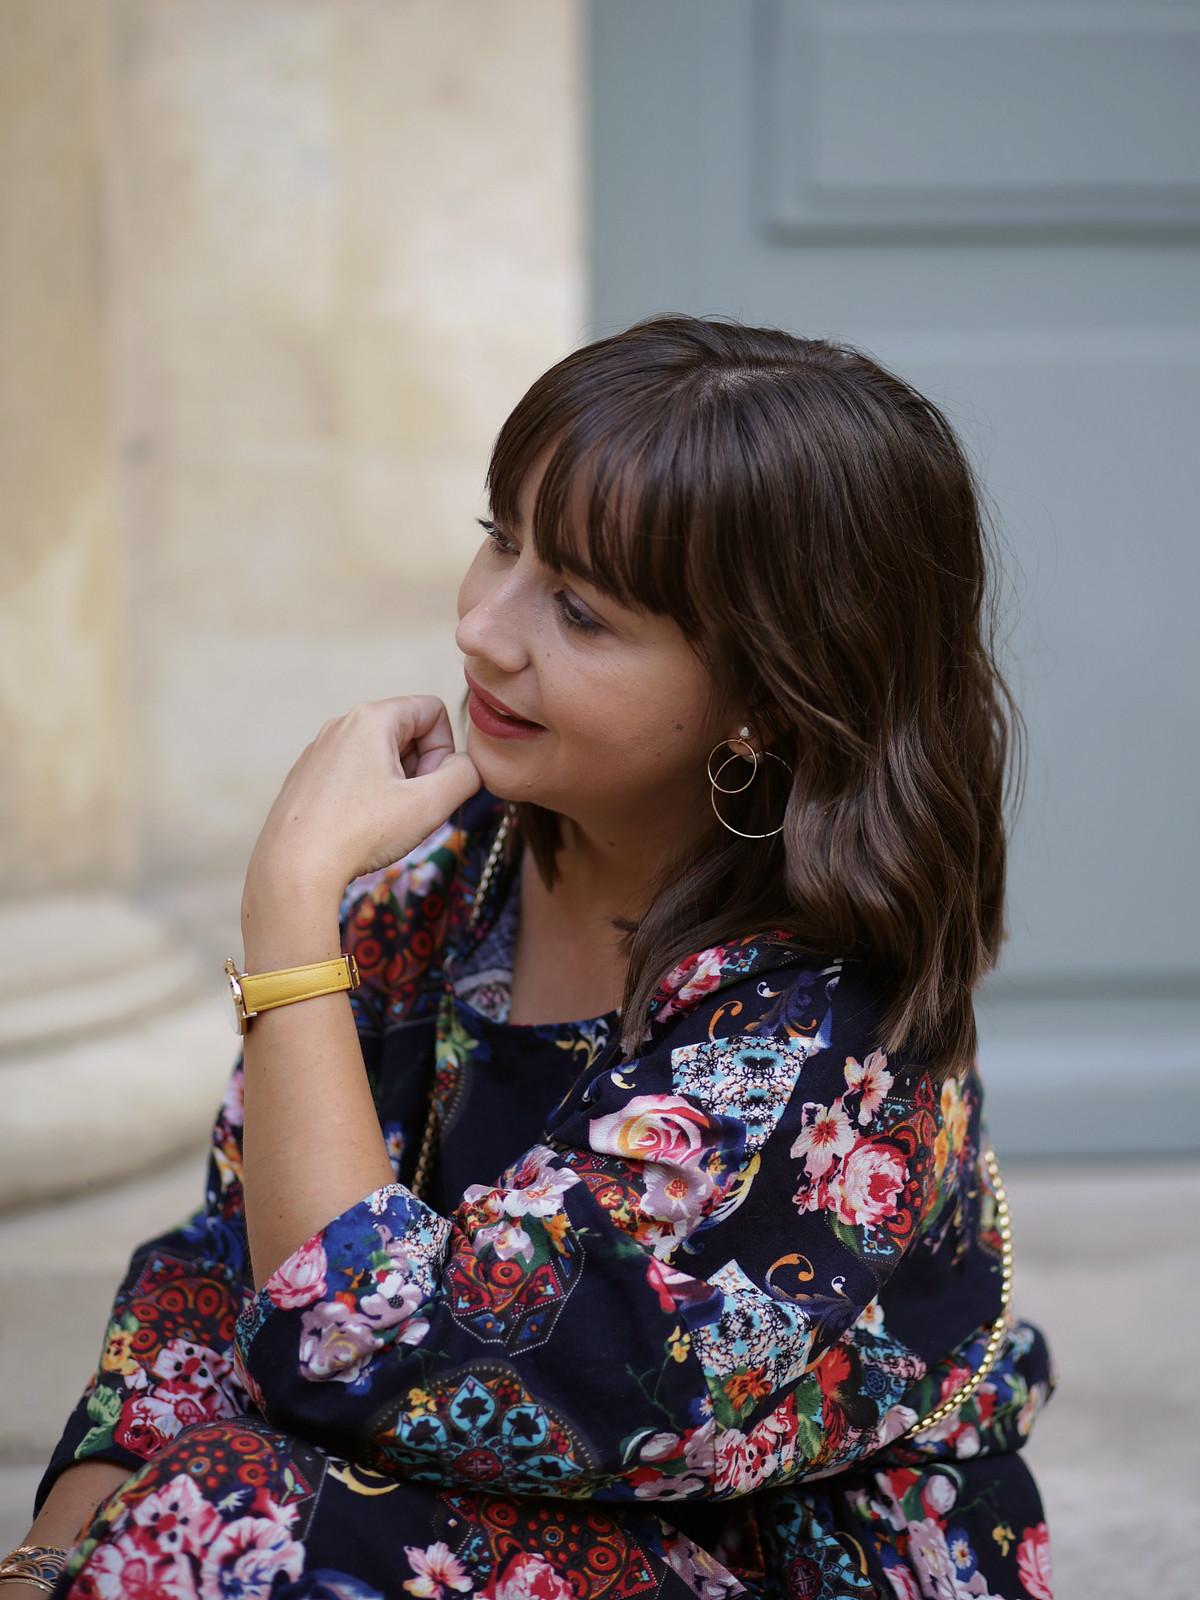 du style madame - blog mode paris - boucles d'oreilles asymétriques perle - happiness boutique